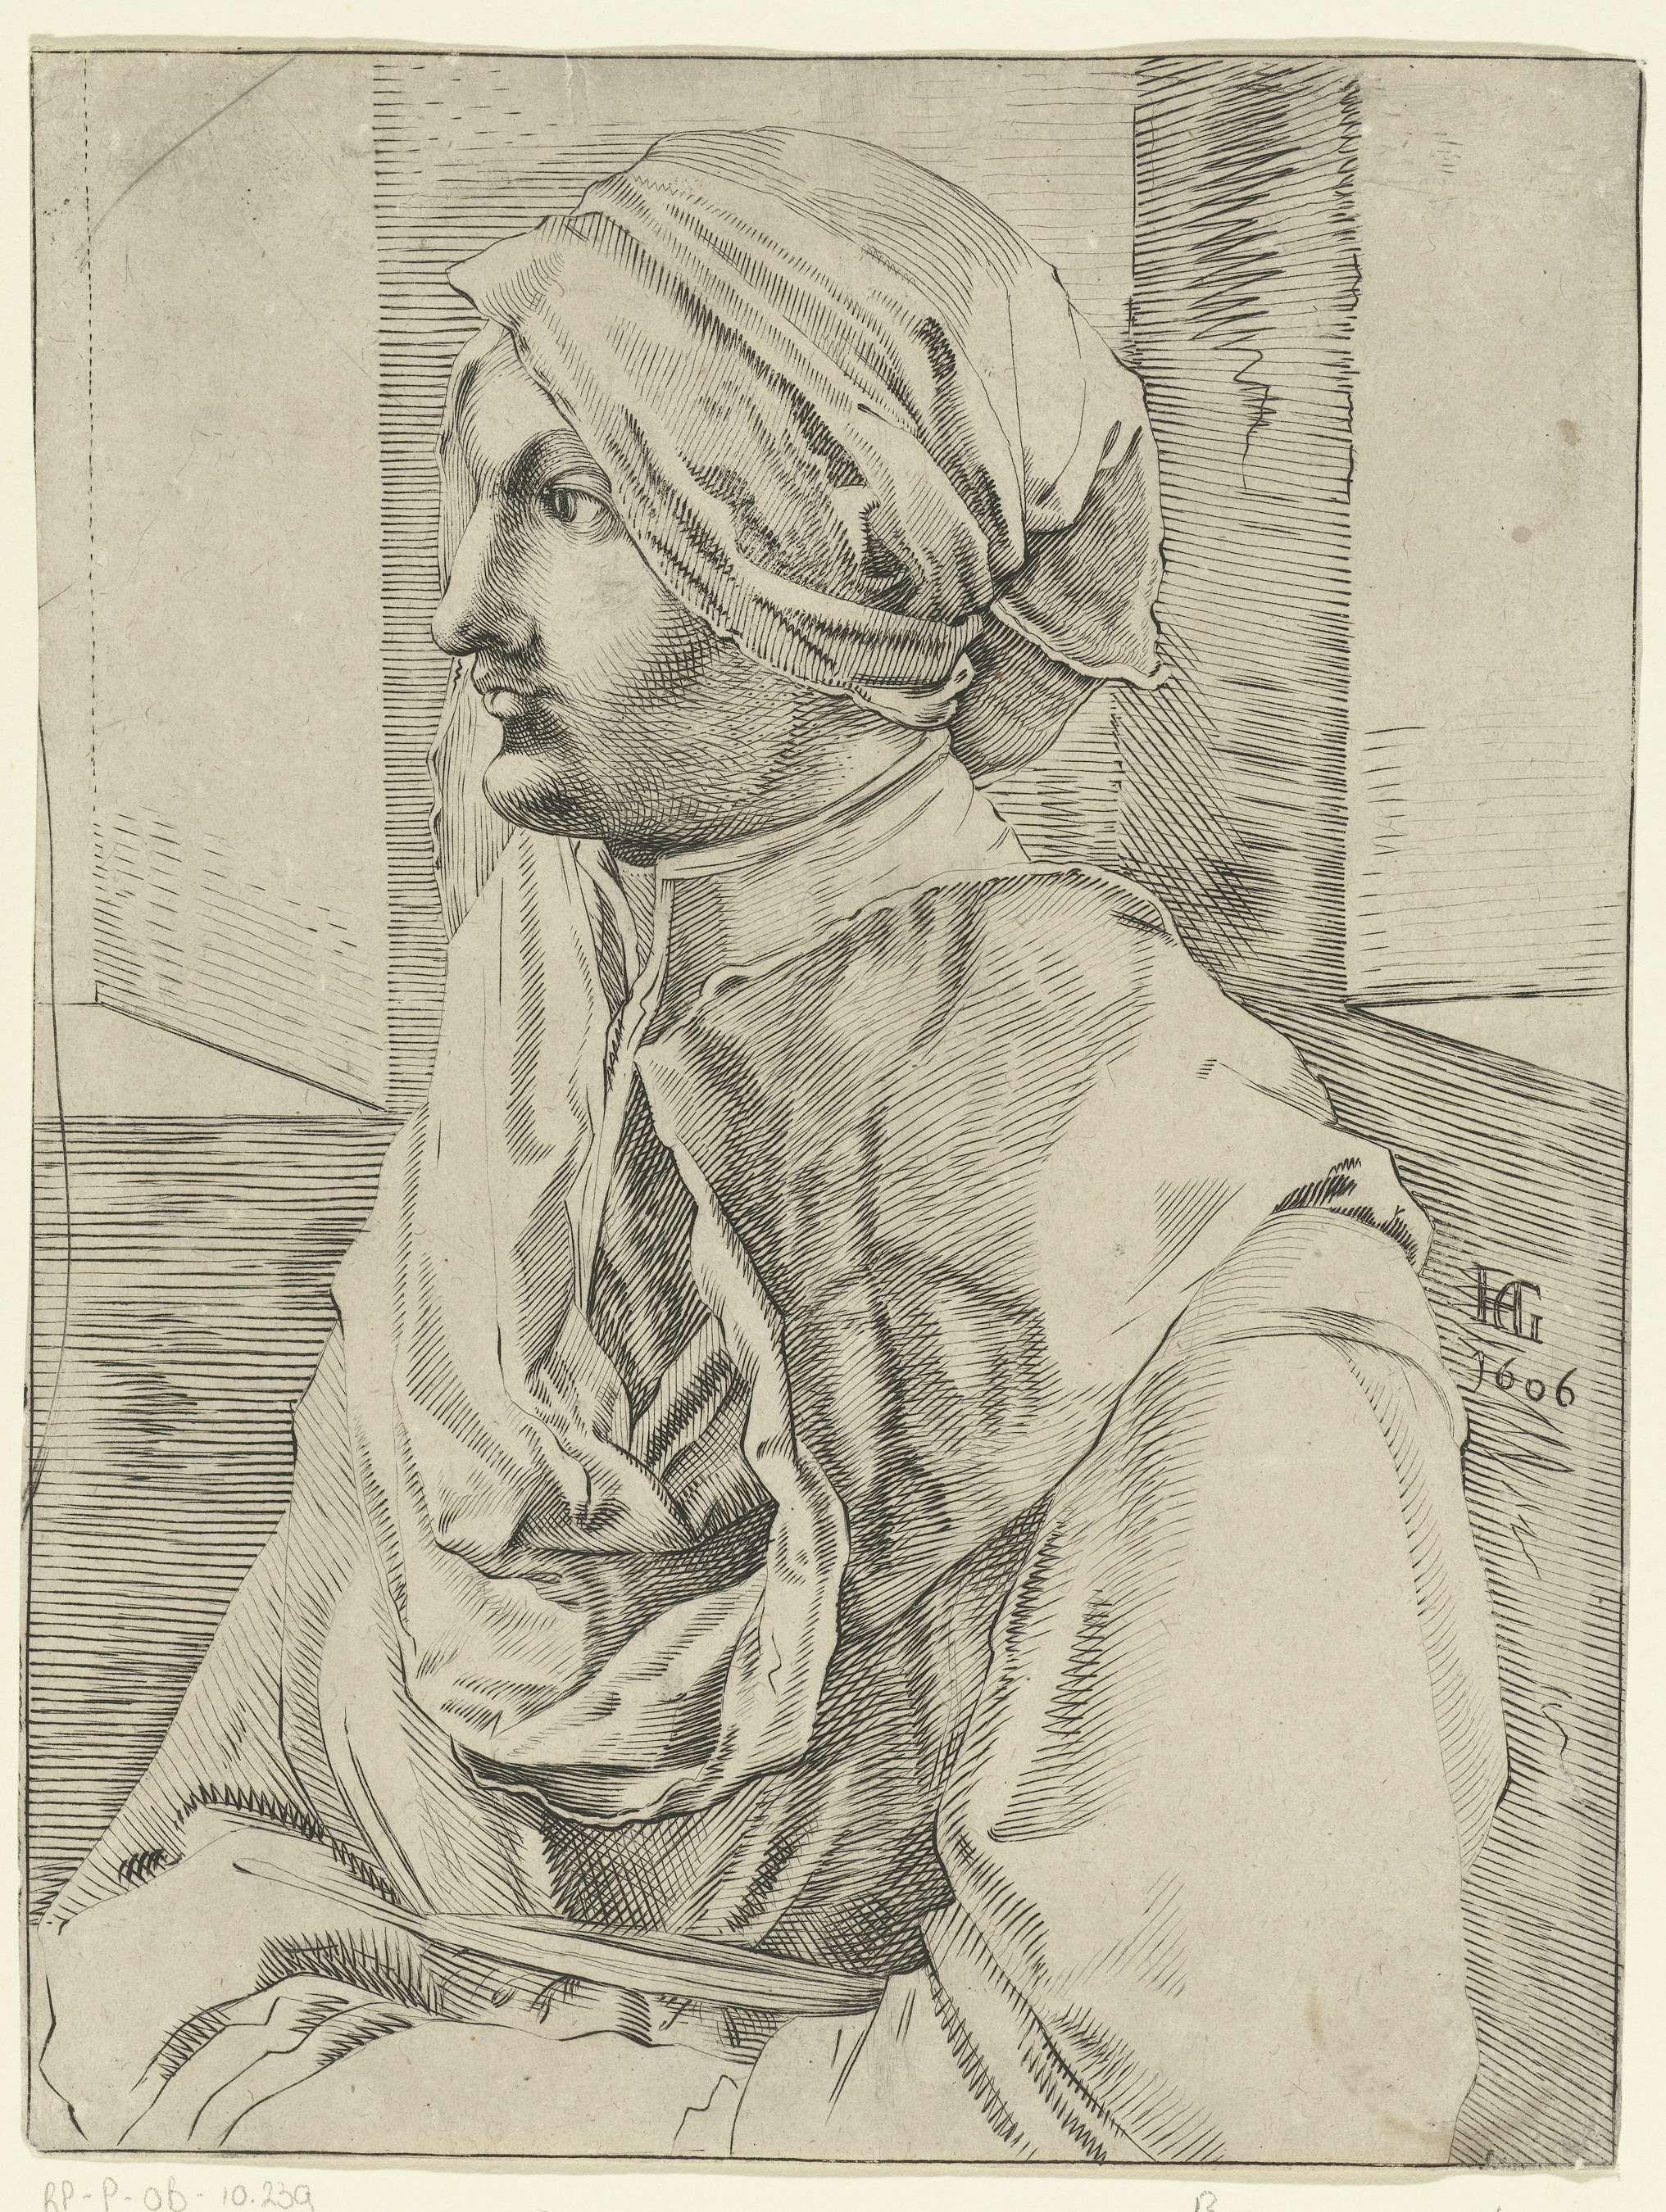 Albrecht Dürer | Vrouw met een hoofddoek, Albrecht Dürer, Anonymous, 1606 | Busteportret en profil van een vrouw met een hoofddoek, op de linkerzijde gezien, gezeten in een vertrek.